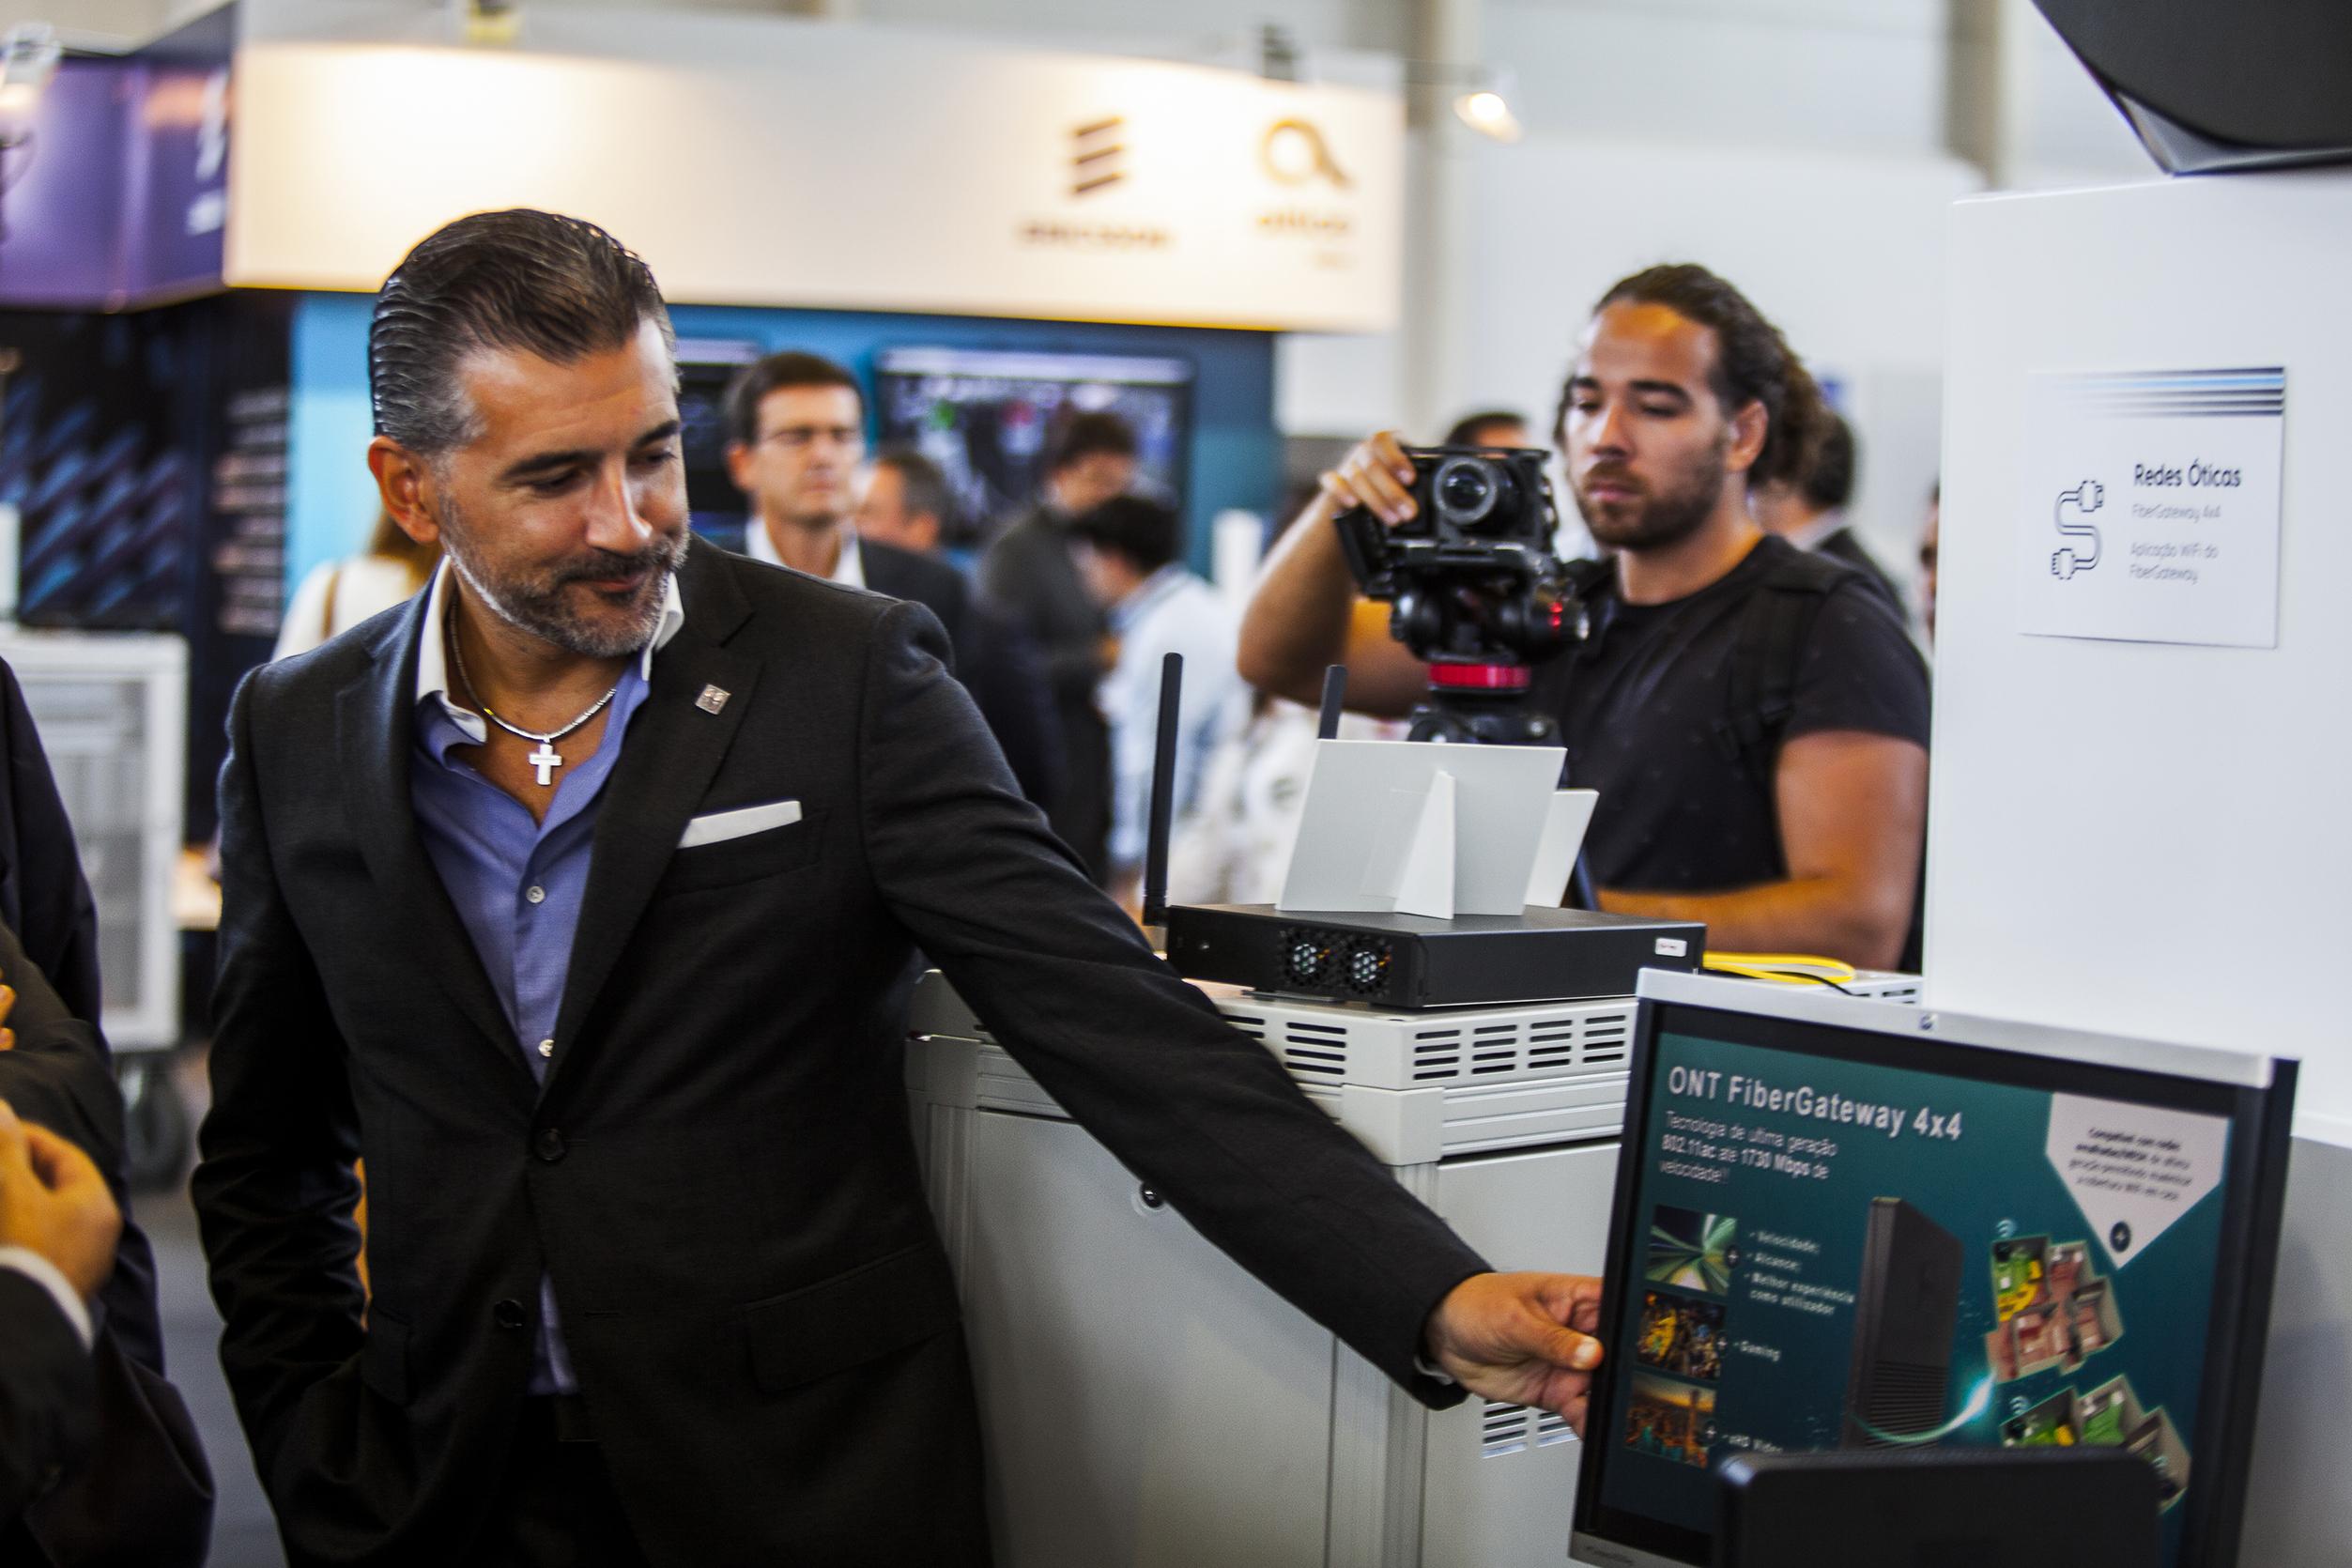 Roteiro da Inovação e Tecnologia: Altice compromete-se a reforçar investimento em Portugal e a criar emprego qualificado até 2030